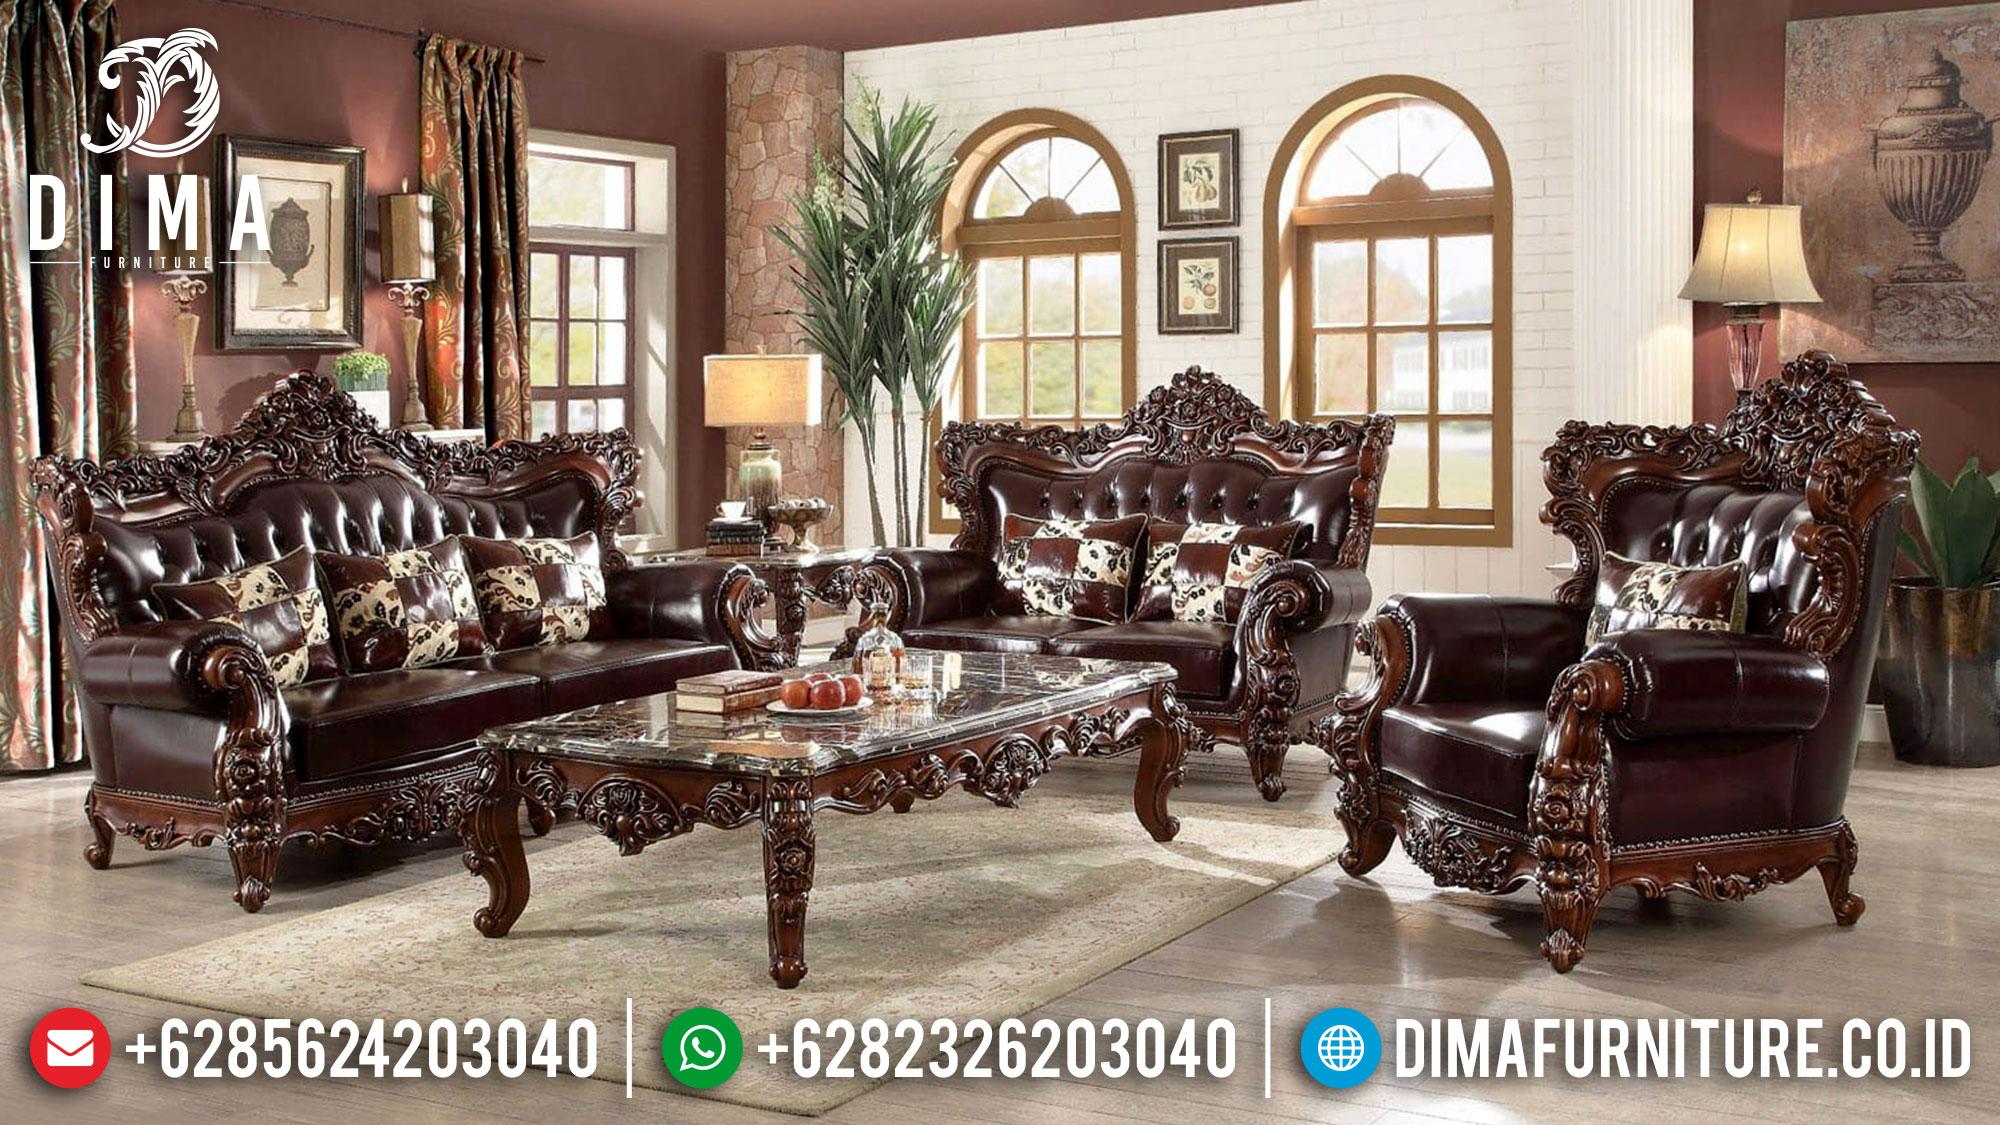 Sofa Tamu Mewah Jati Perhutani Jepara Luxury Natural Salak Brown Classic Mm-0939